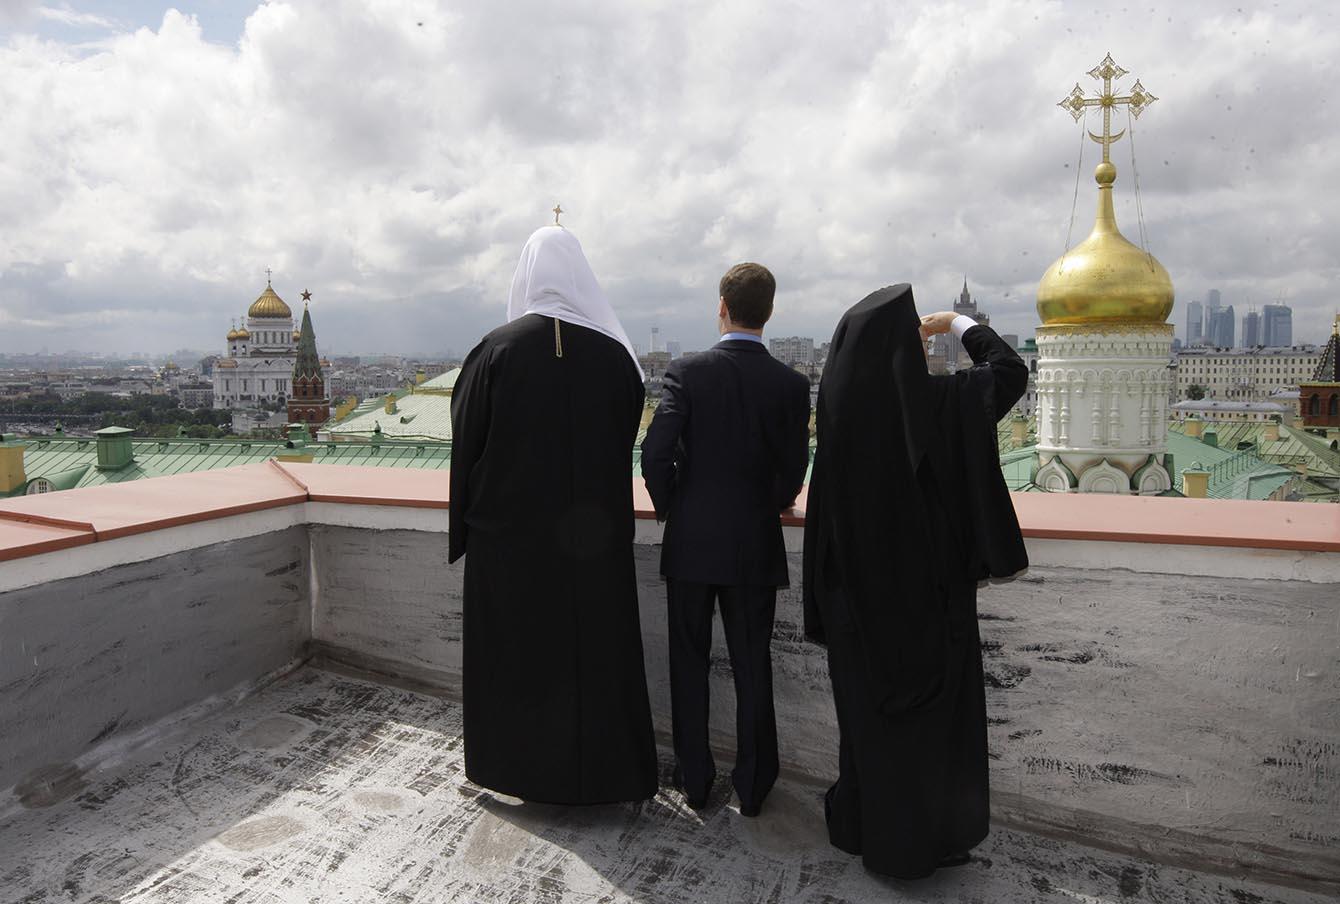 Патриарх Кирилл с президентом Дмитрием Медведевым и патриархом константинопольским Варфоломеем, 2010 год